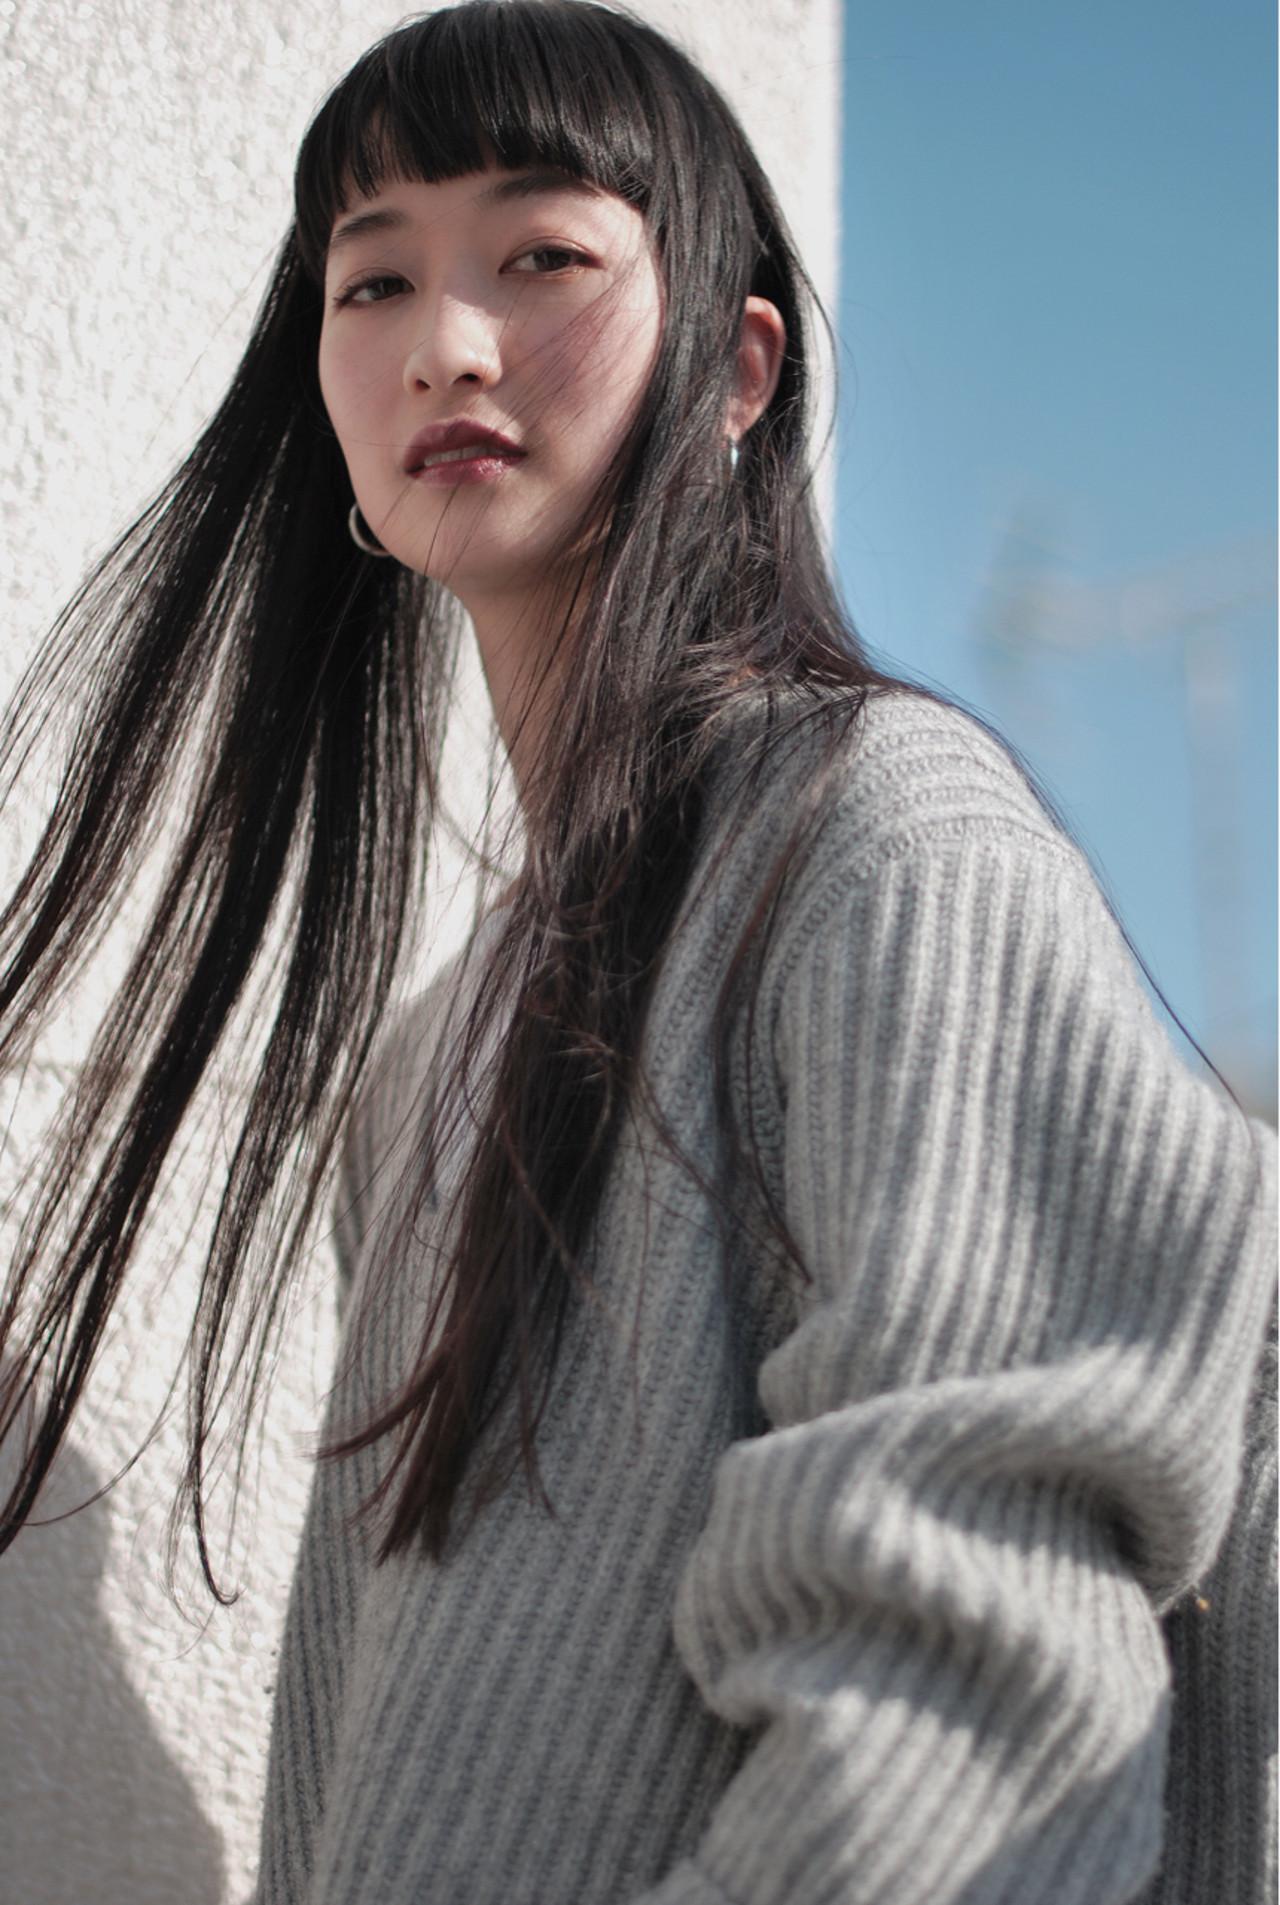 ガーリーに演出して!ぱっつん前髪黒髪ロング ニシムラ カナ